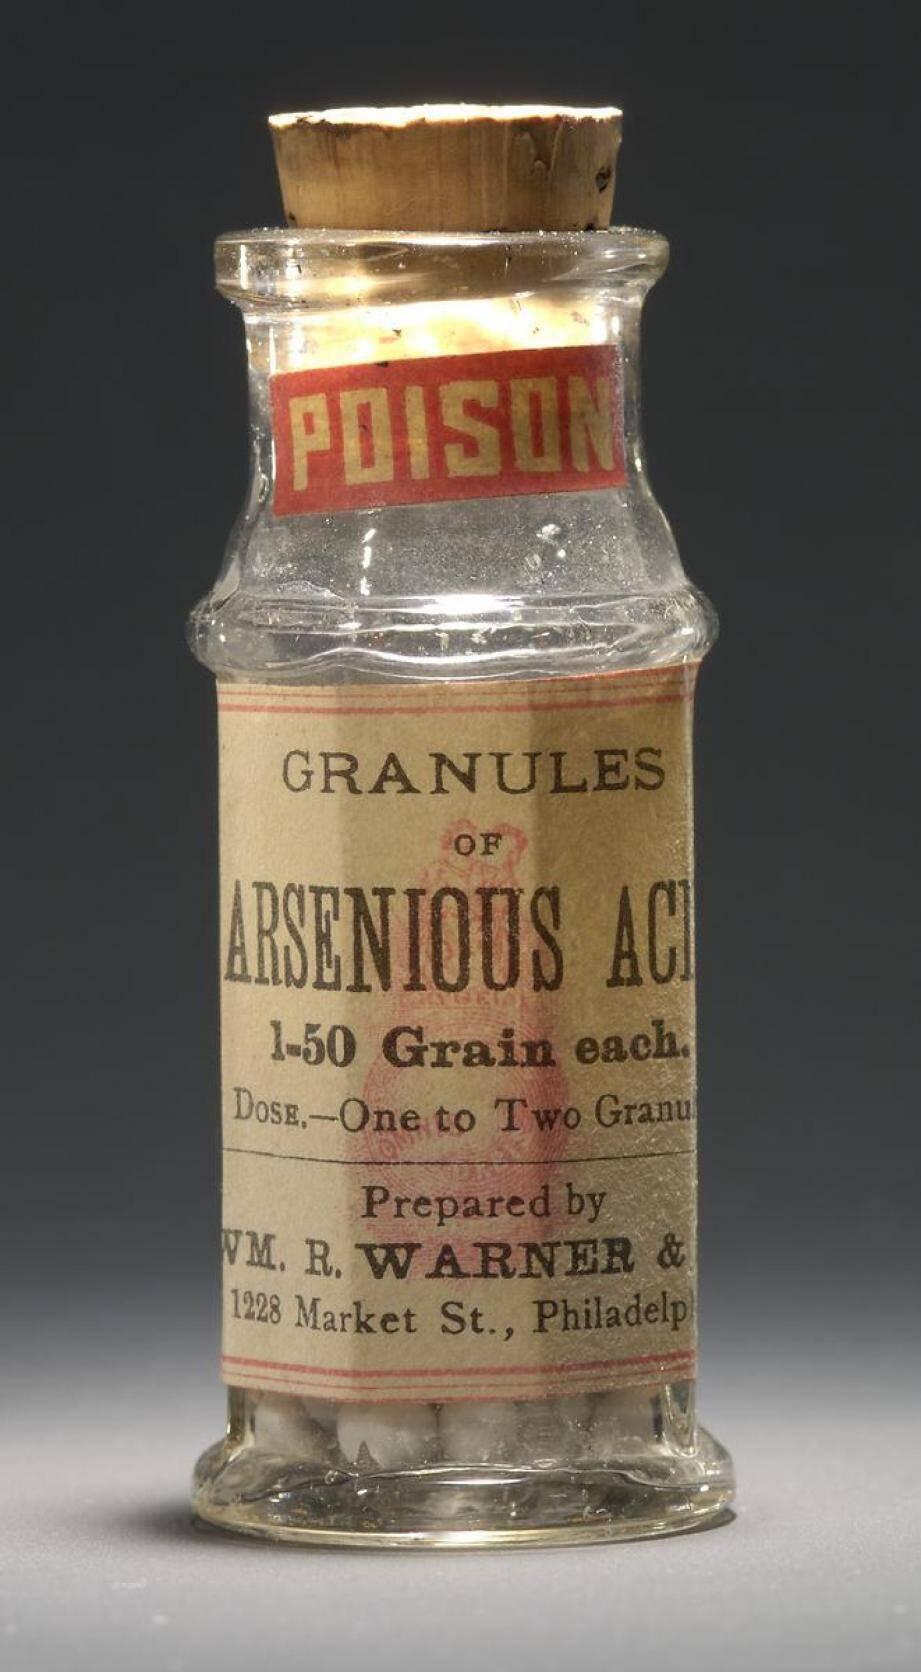 Selon la justice, le mari n'aurait pas empoisonné sa femme avec de l'arsenic.